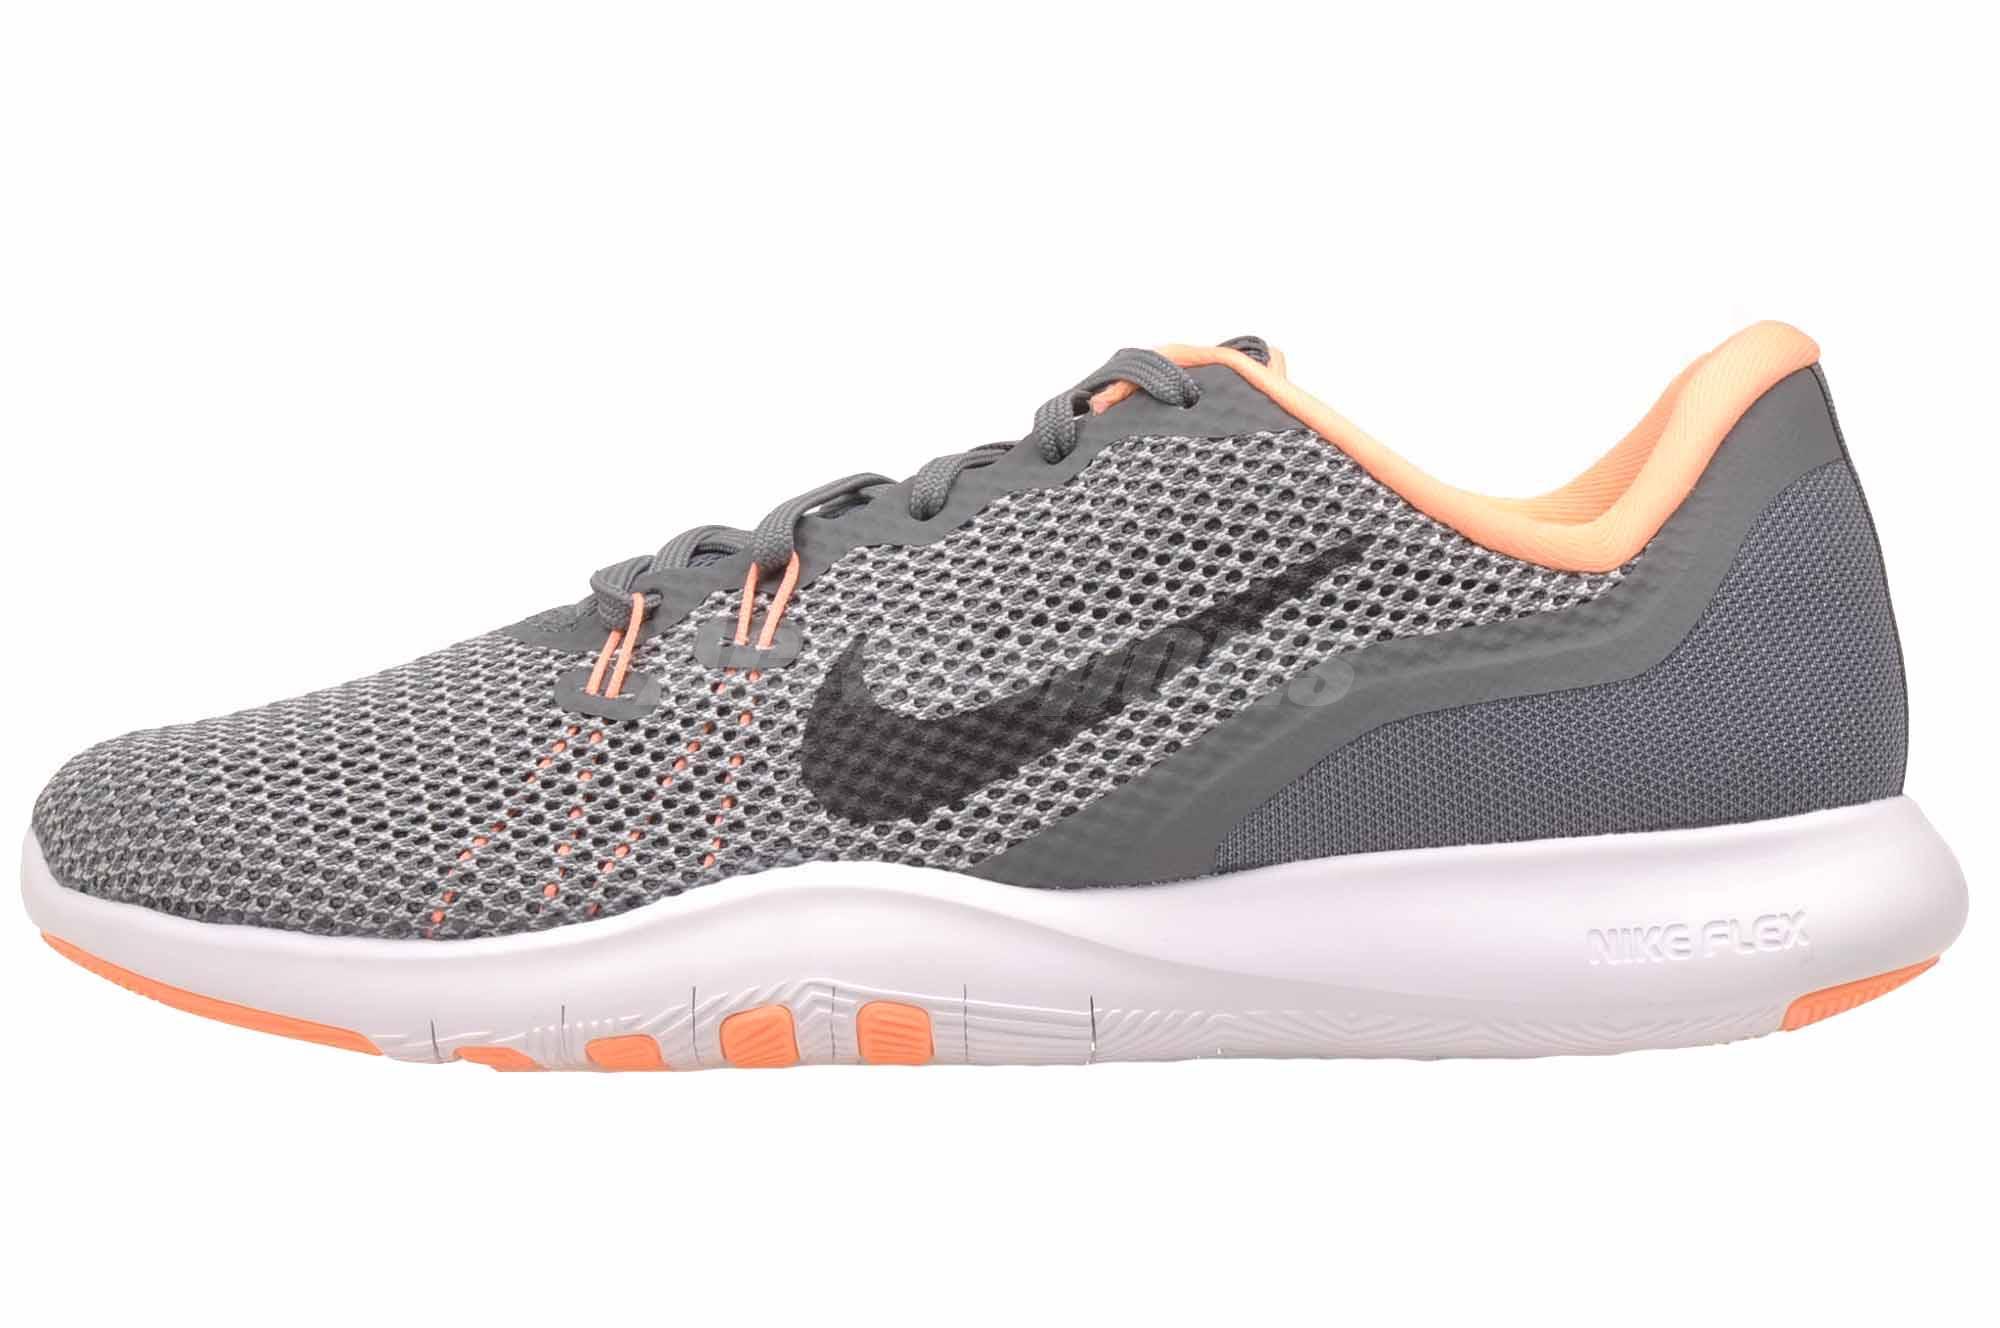 Detalhes Sobre Nike Wmns Flex Trainer 7 Cruz Treinamento Sapatos Femininos Cinza Sunset 898479 002 Mostrar Titulo No Original